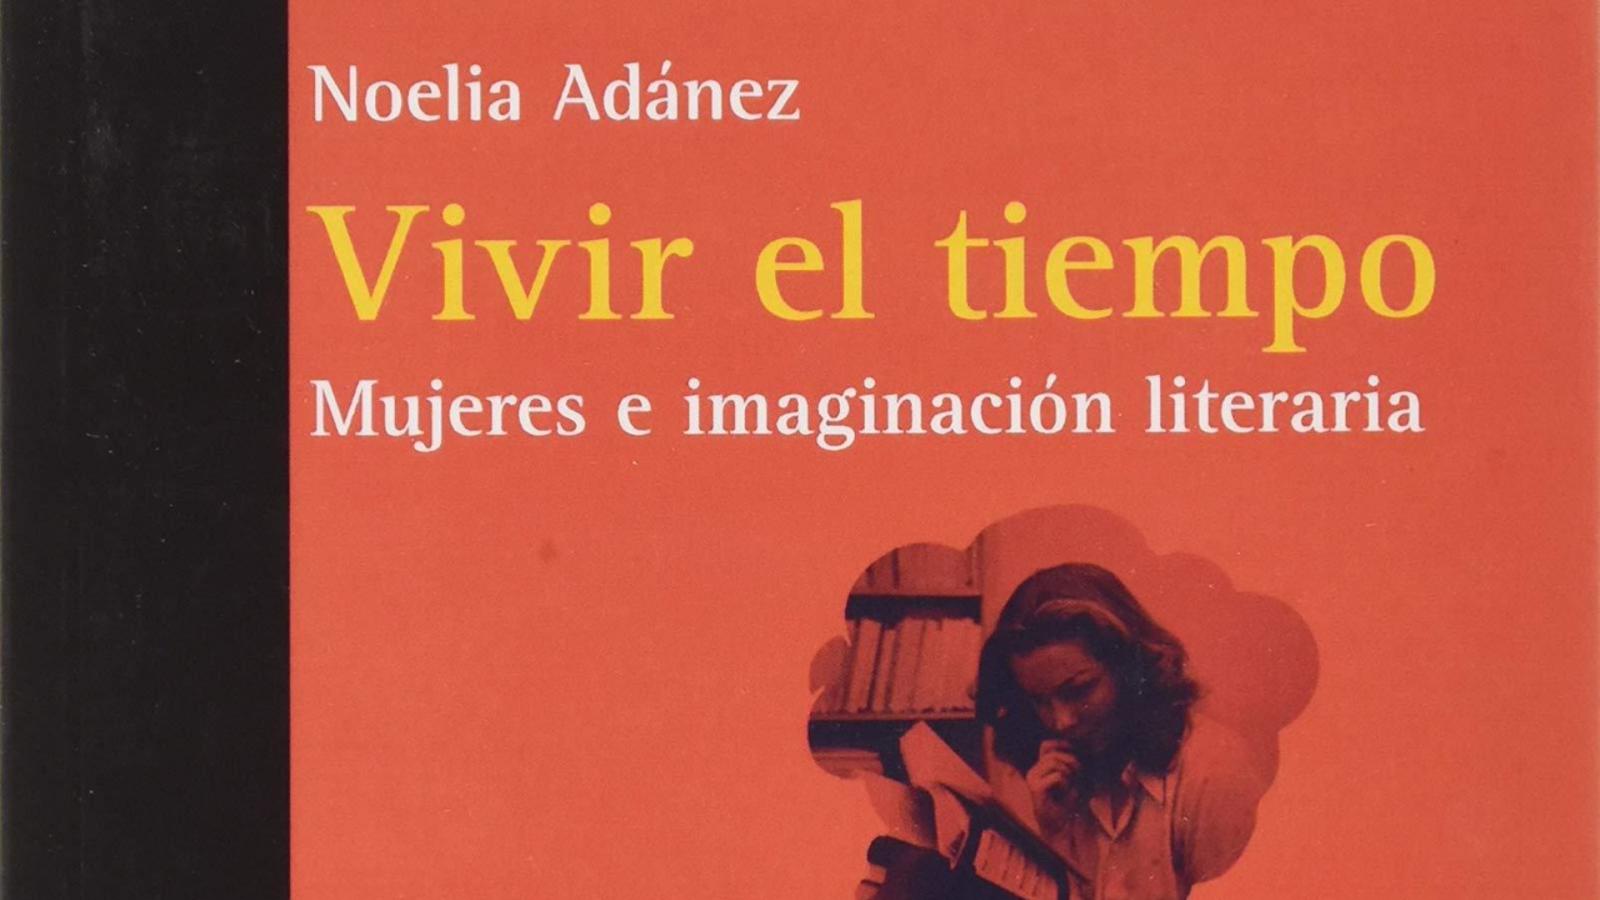 Todo Noticias Tarde - 'Vivir el tiempo' de Noelia Adánez - Escuchar ahora